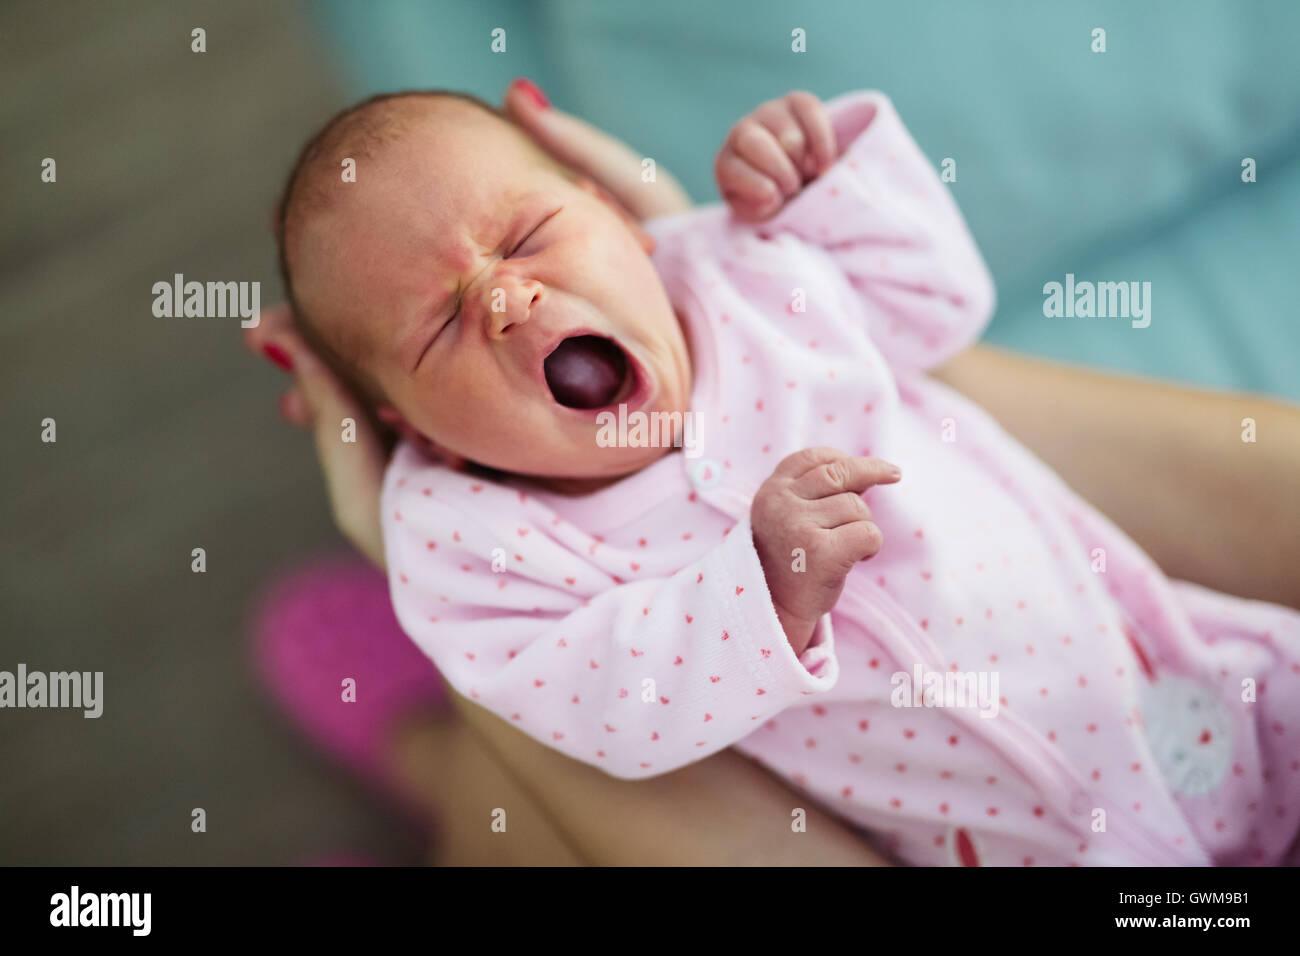 Urlando carino neonati e inquieto notti sono inevitabili Immagini Stock